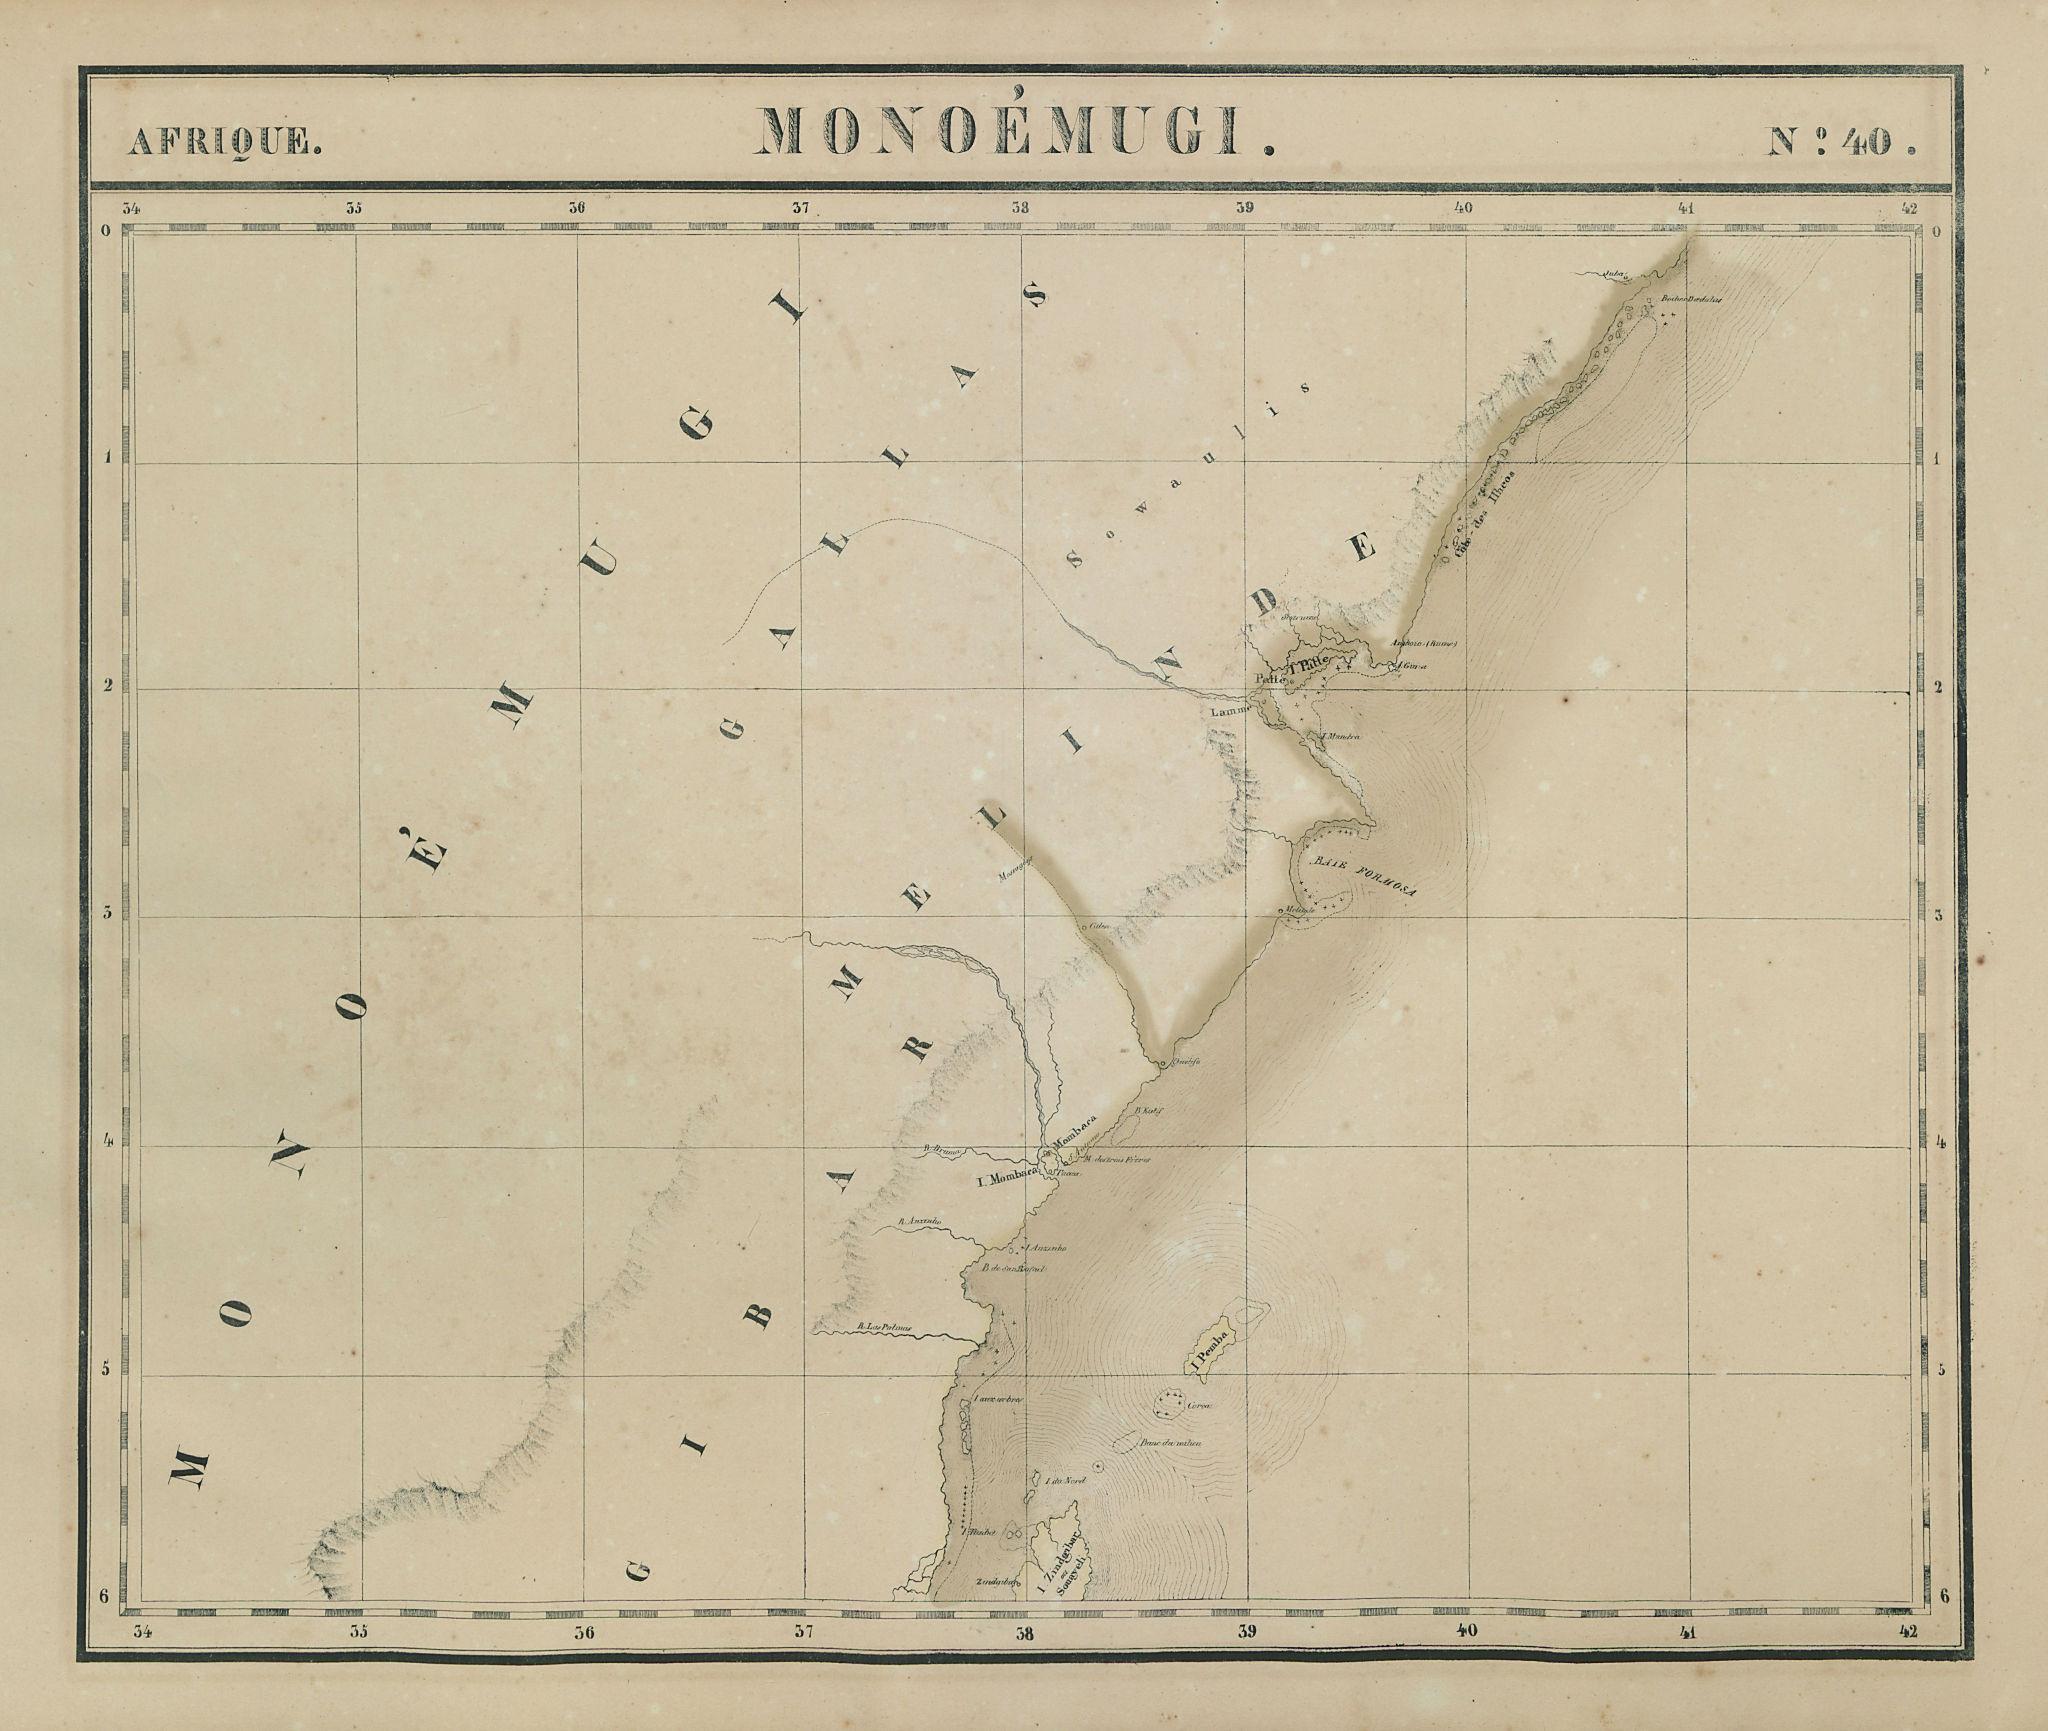 Afrique. Monoémugi #40 Kenya, Northern Tanzania & Zanzibar VANDERMAELEN 1827 map